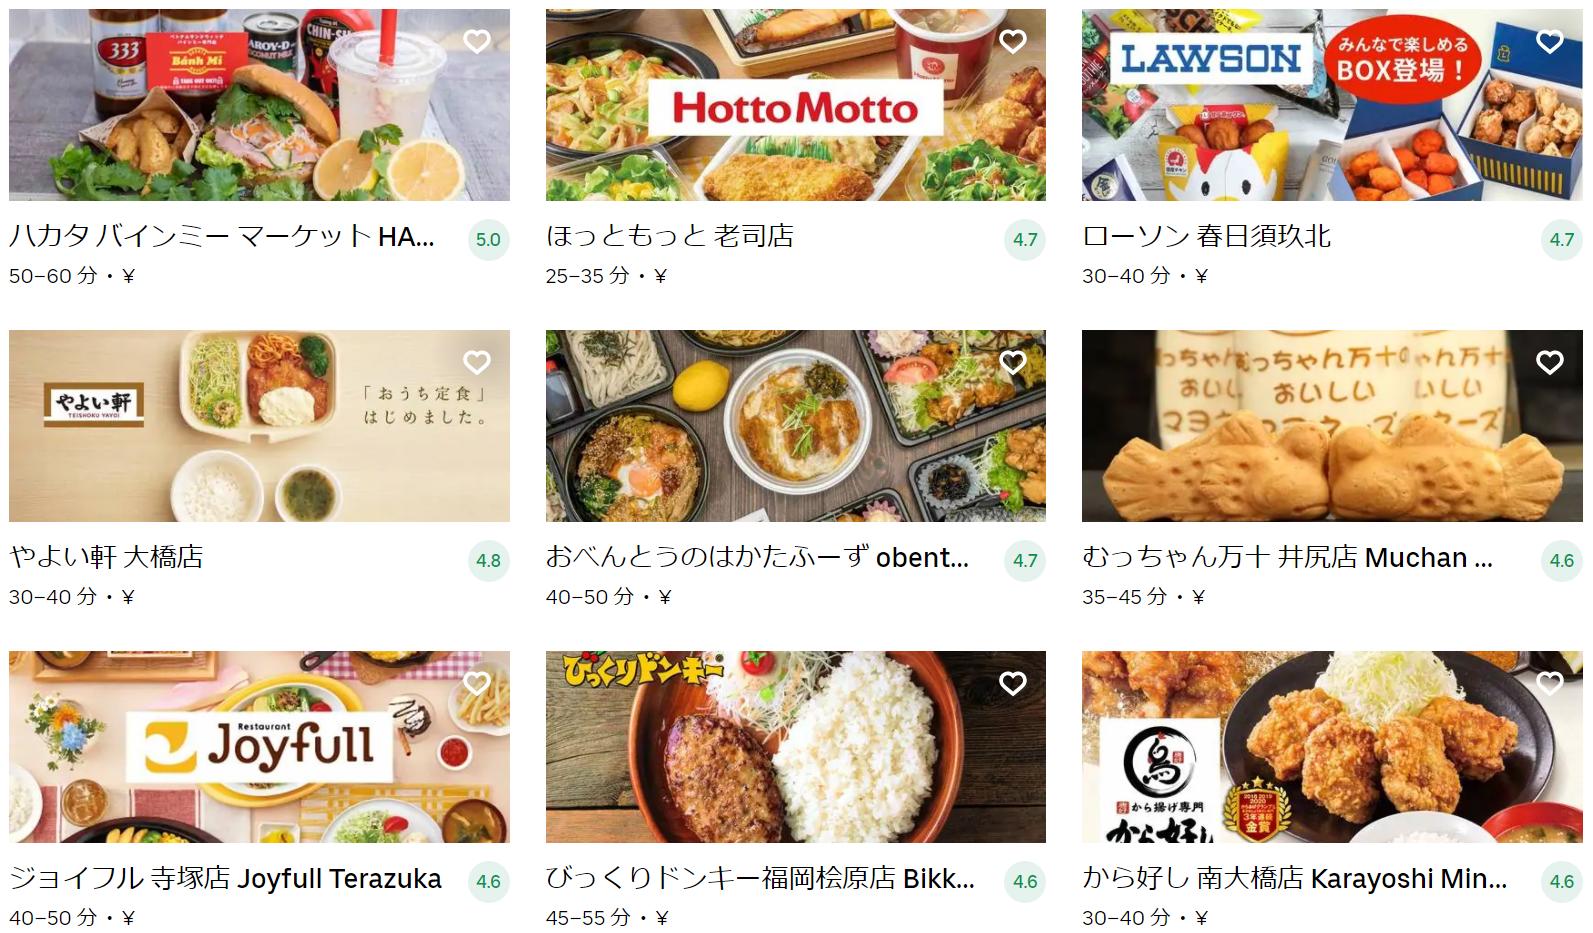 福岡市南区エリアのおすすめUber Eats(ウーバーイーツ)メニュー